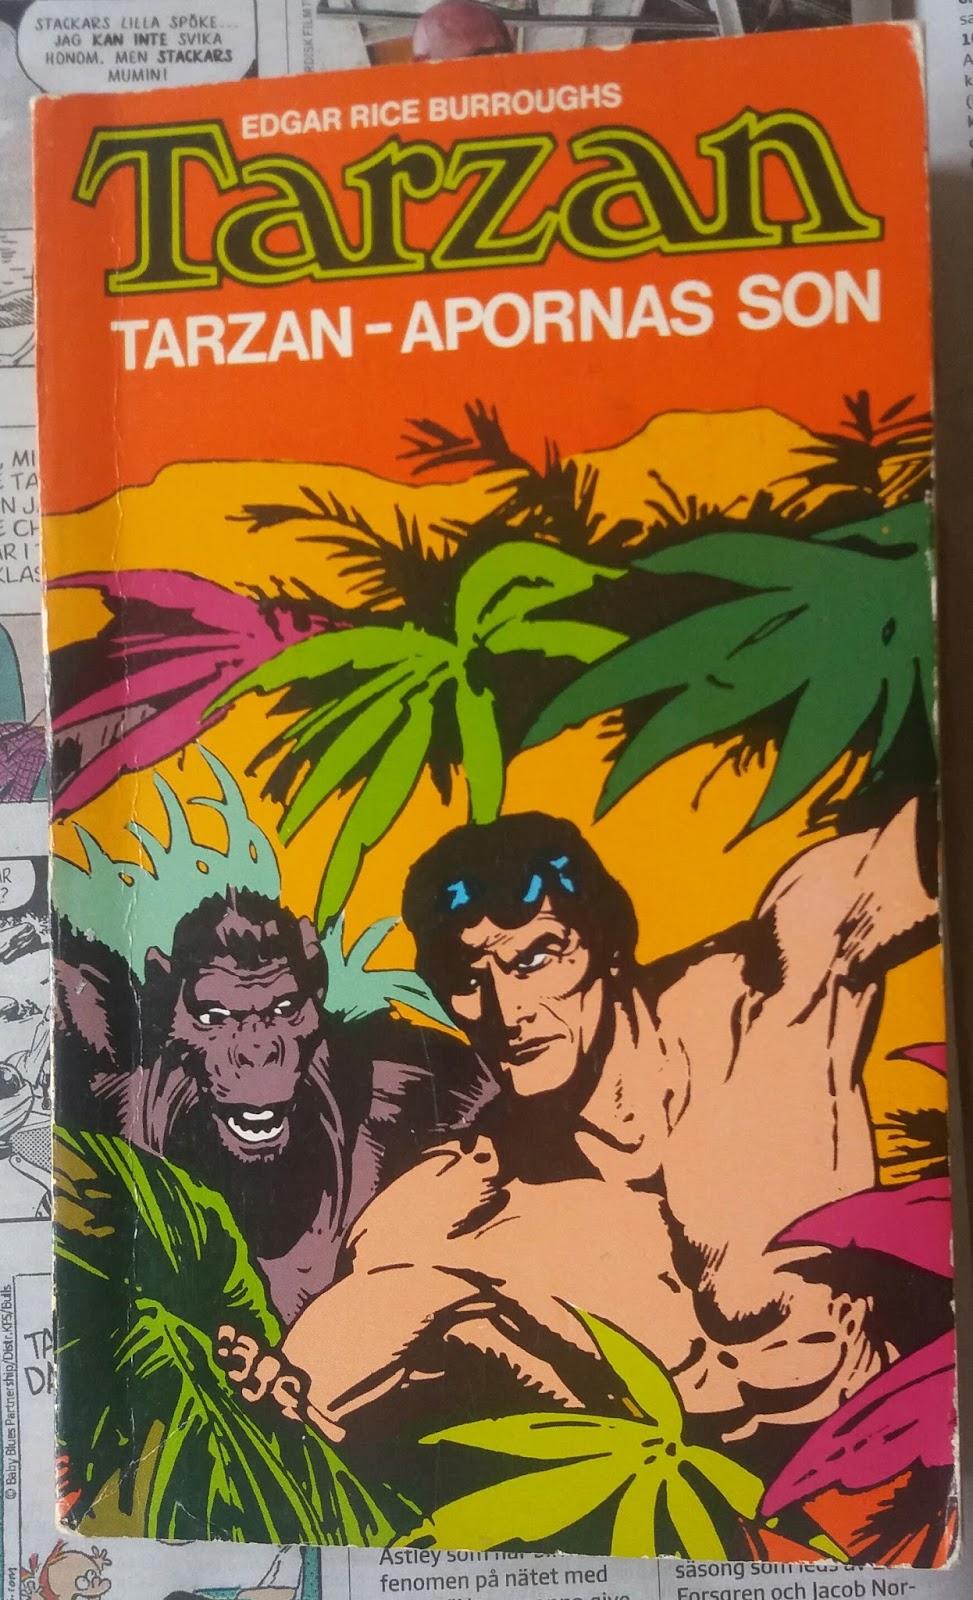 Tarzan tecknad porr serier